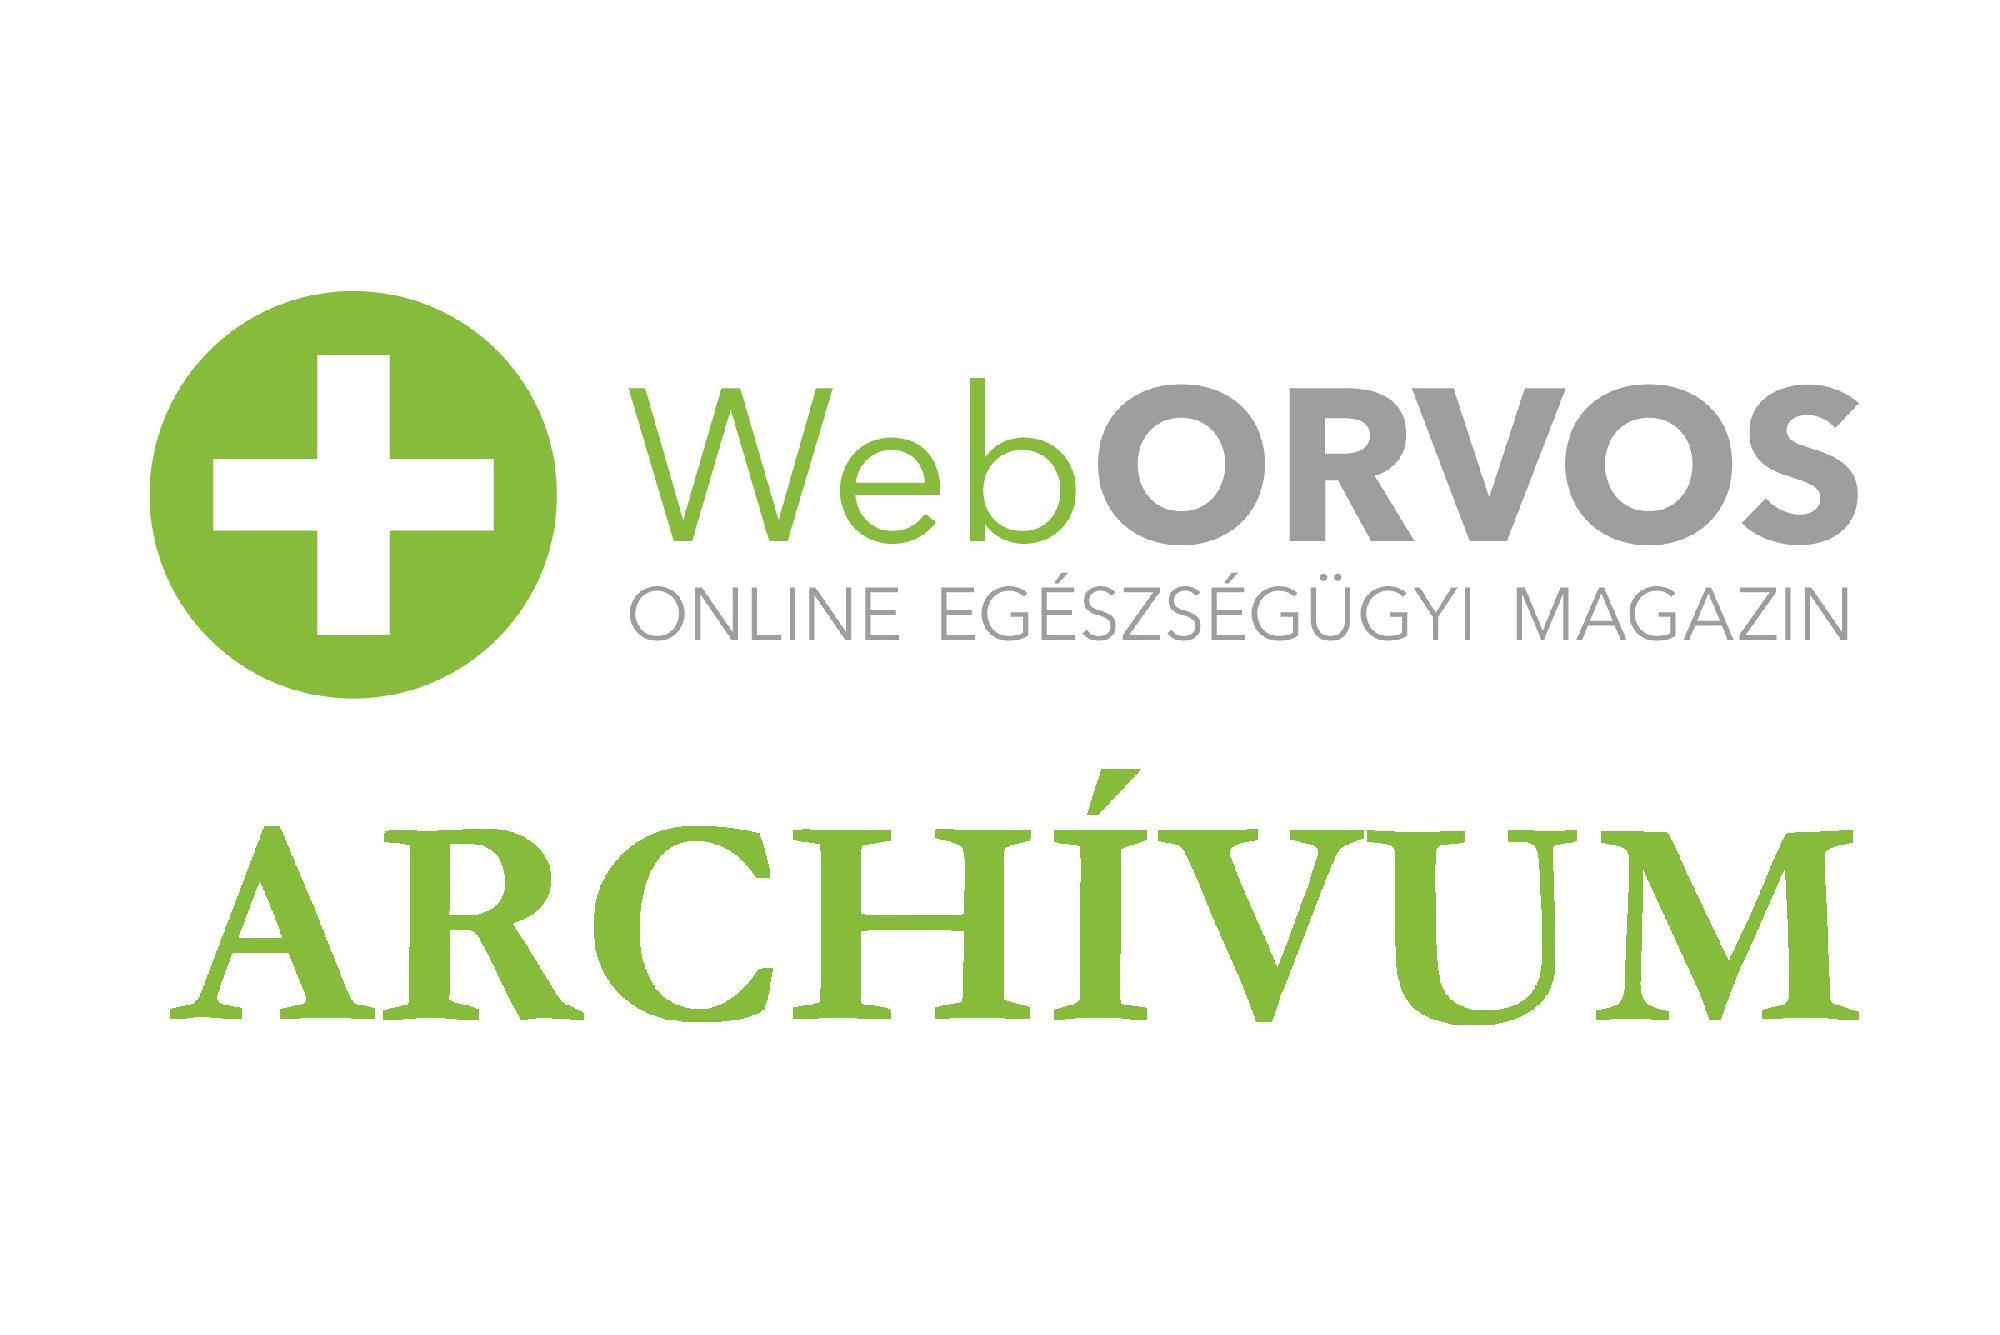 Magyar módszer a kóros sejtfolyamatok észlelésére